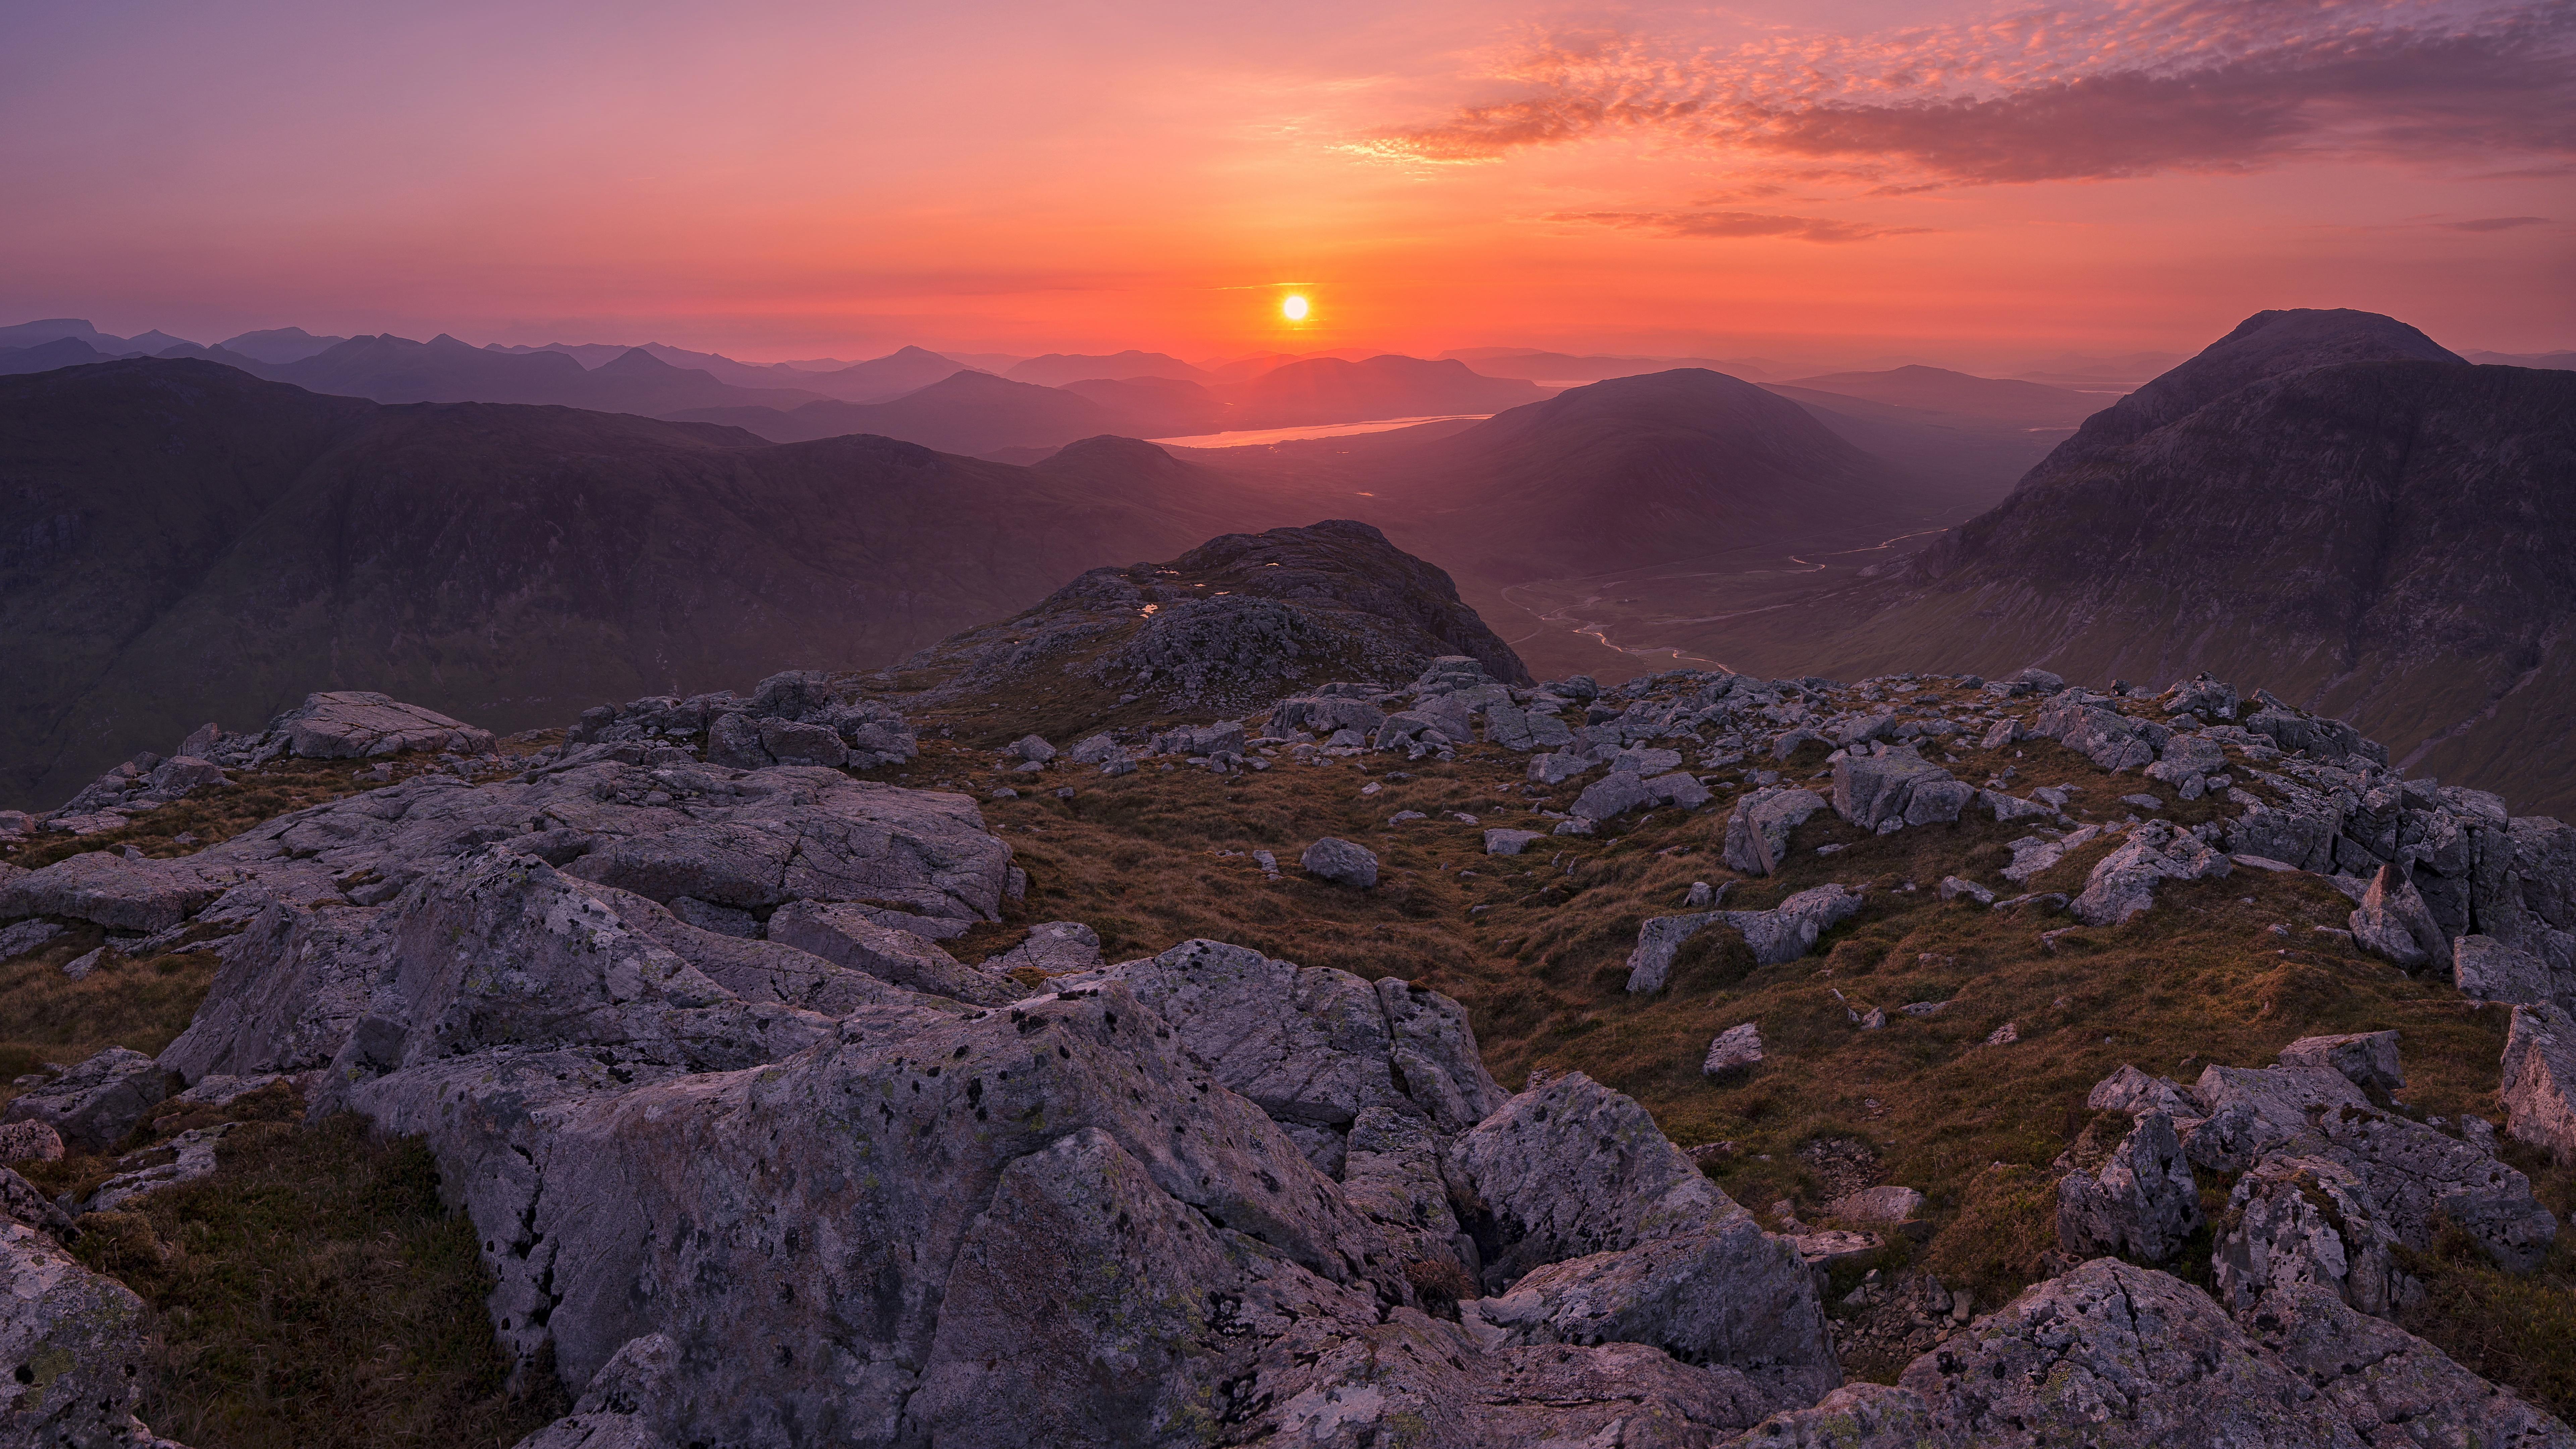 West Highlands of Scotland at sunrise wallpaper